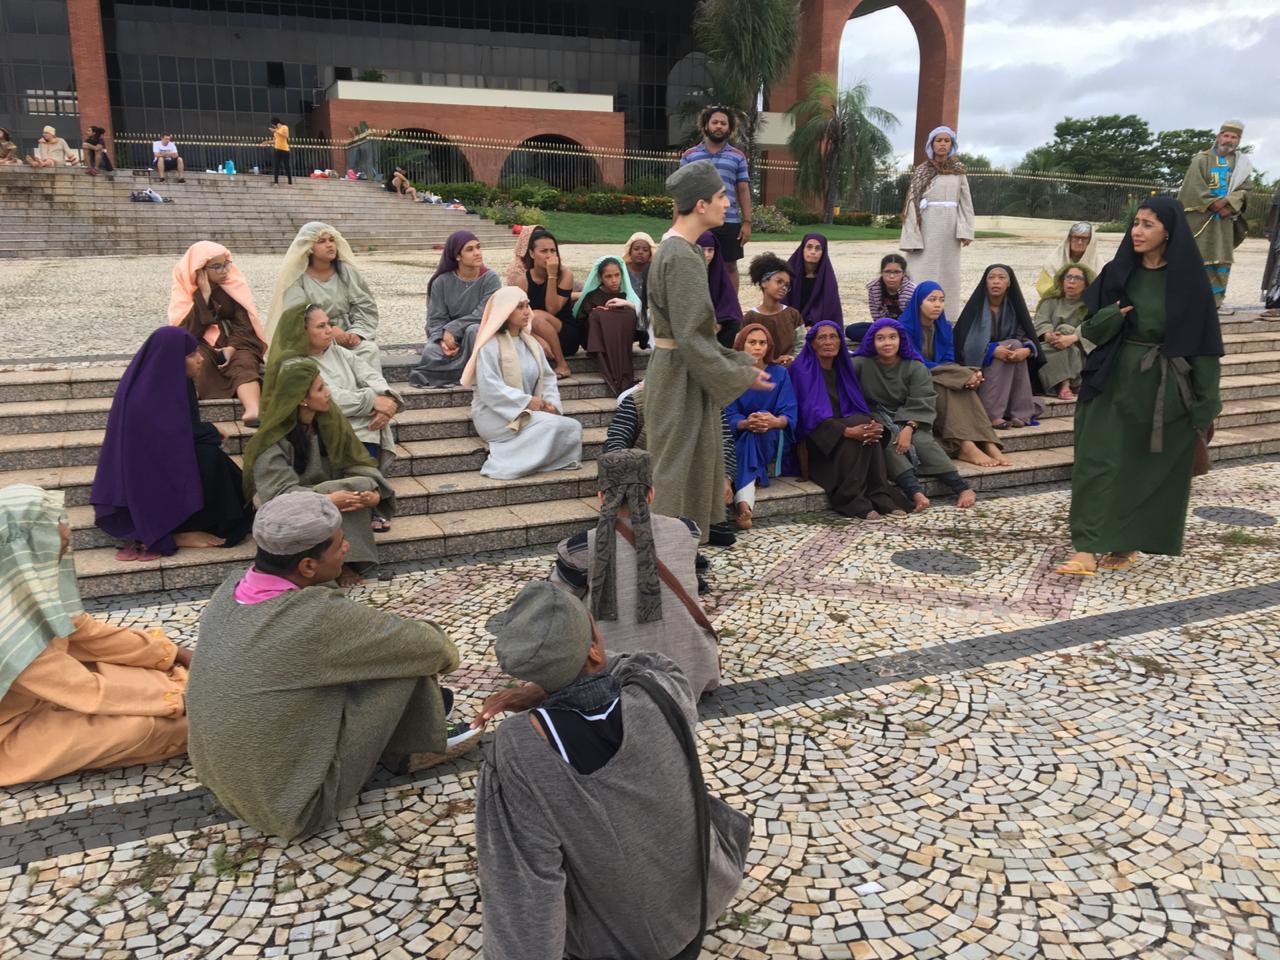 Fundação Cultural de Palmas apoia 15ª edição da Paixão de Cristo, que acontece na sexta-feira 19